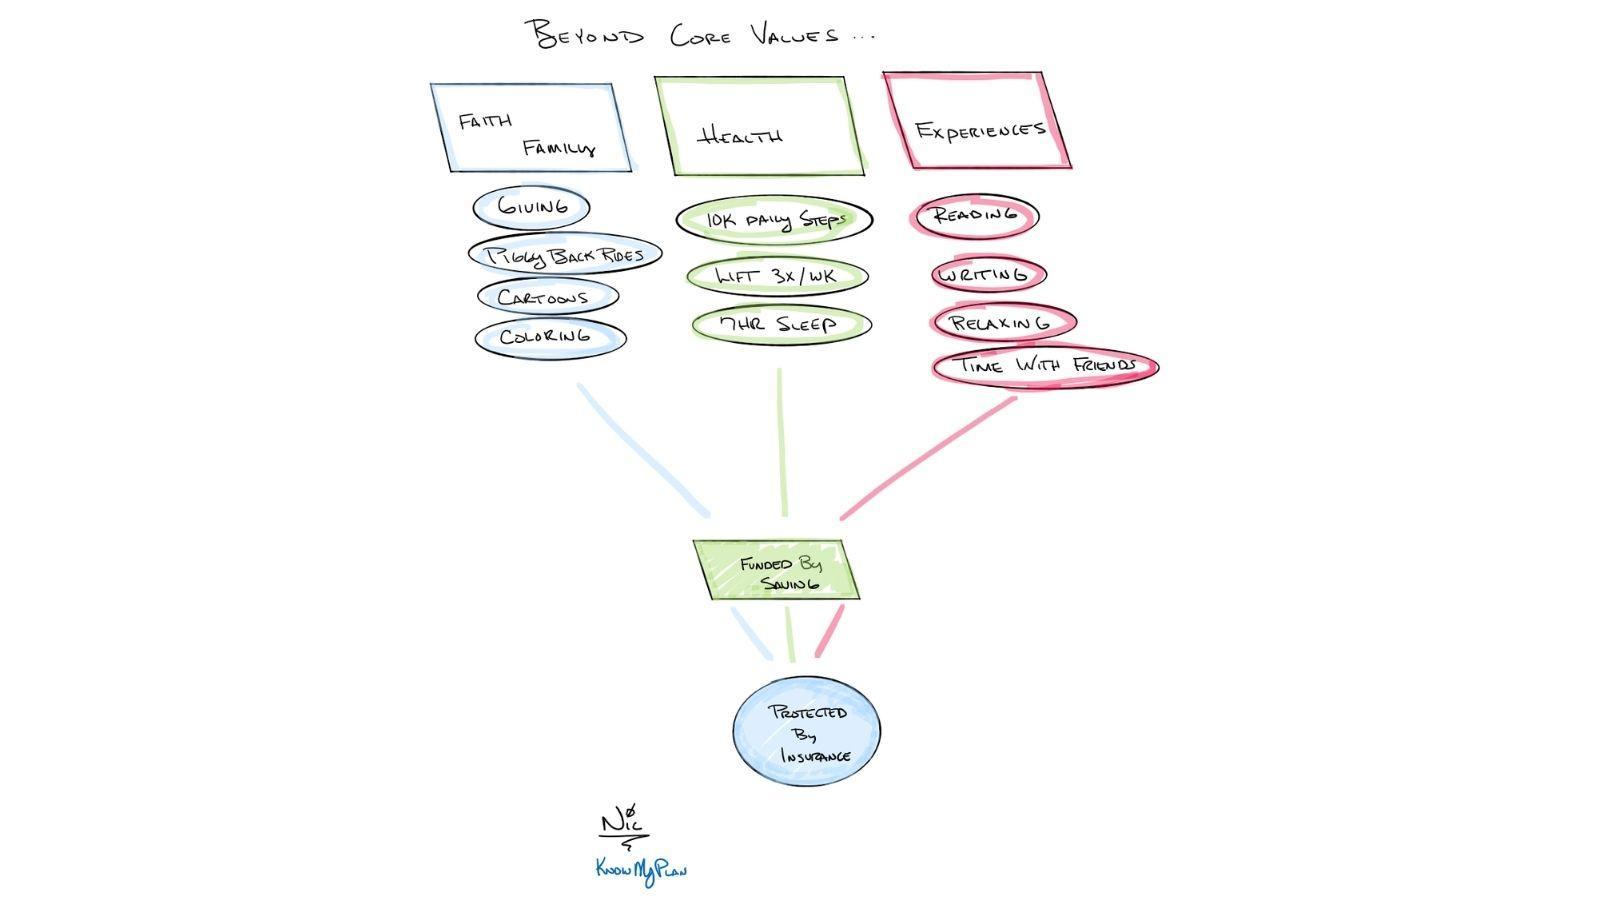 beyond core values